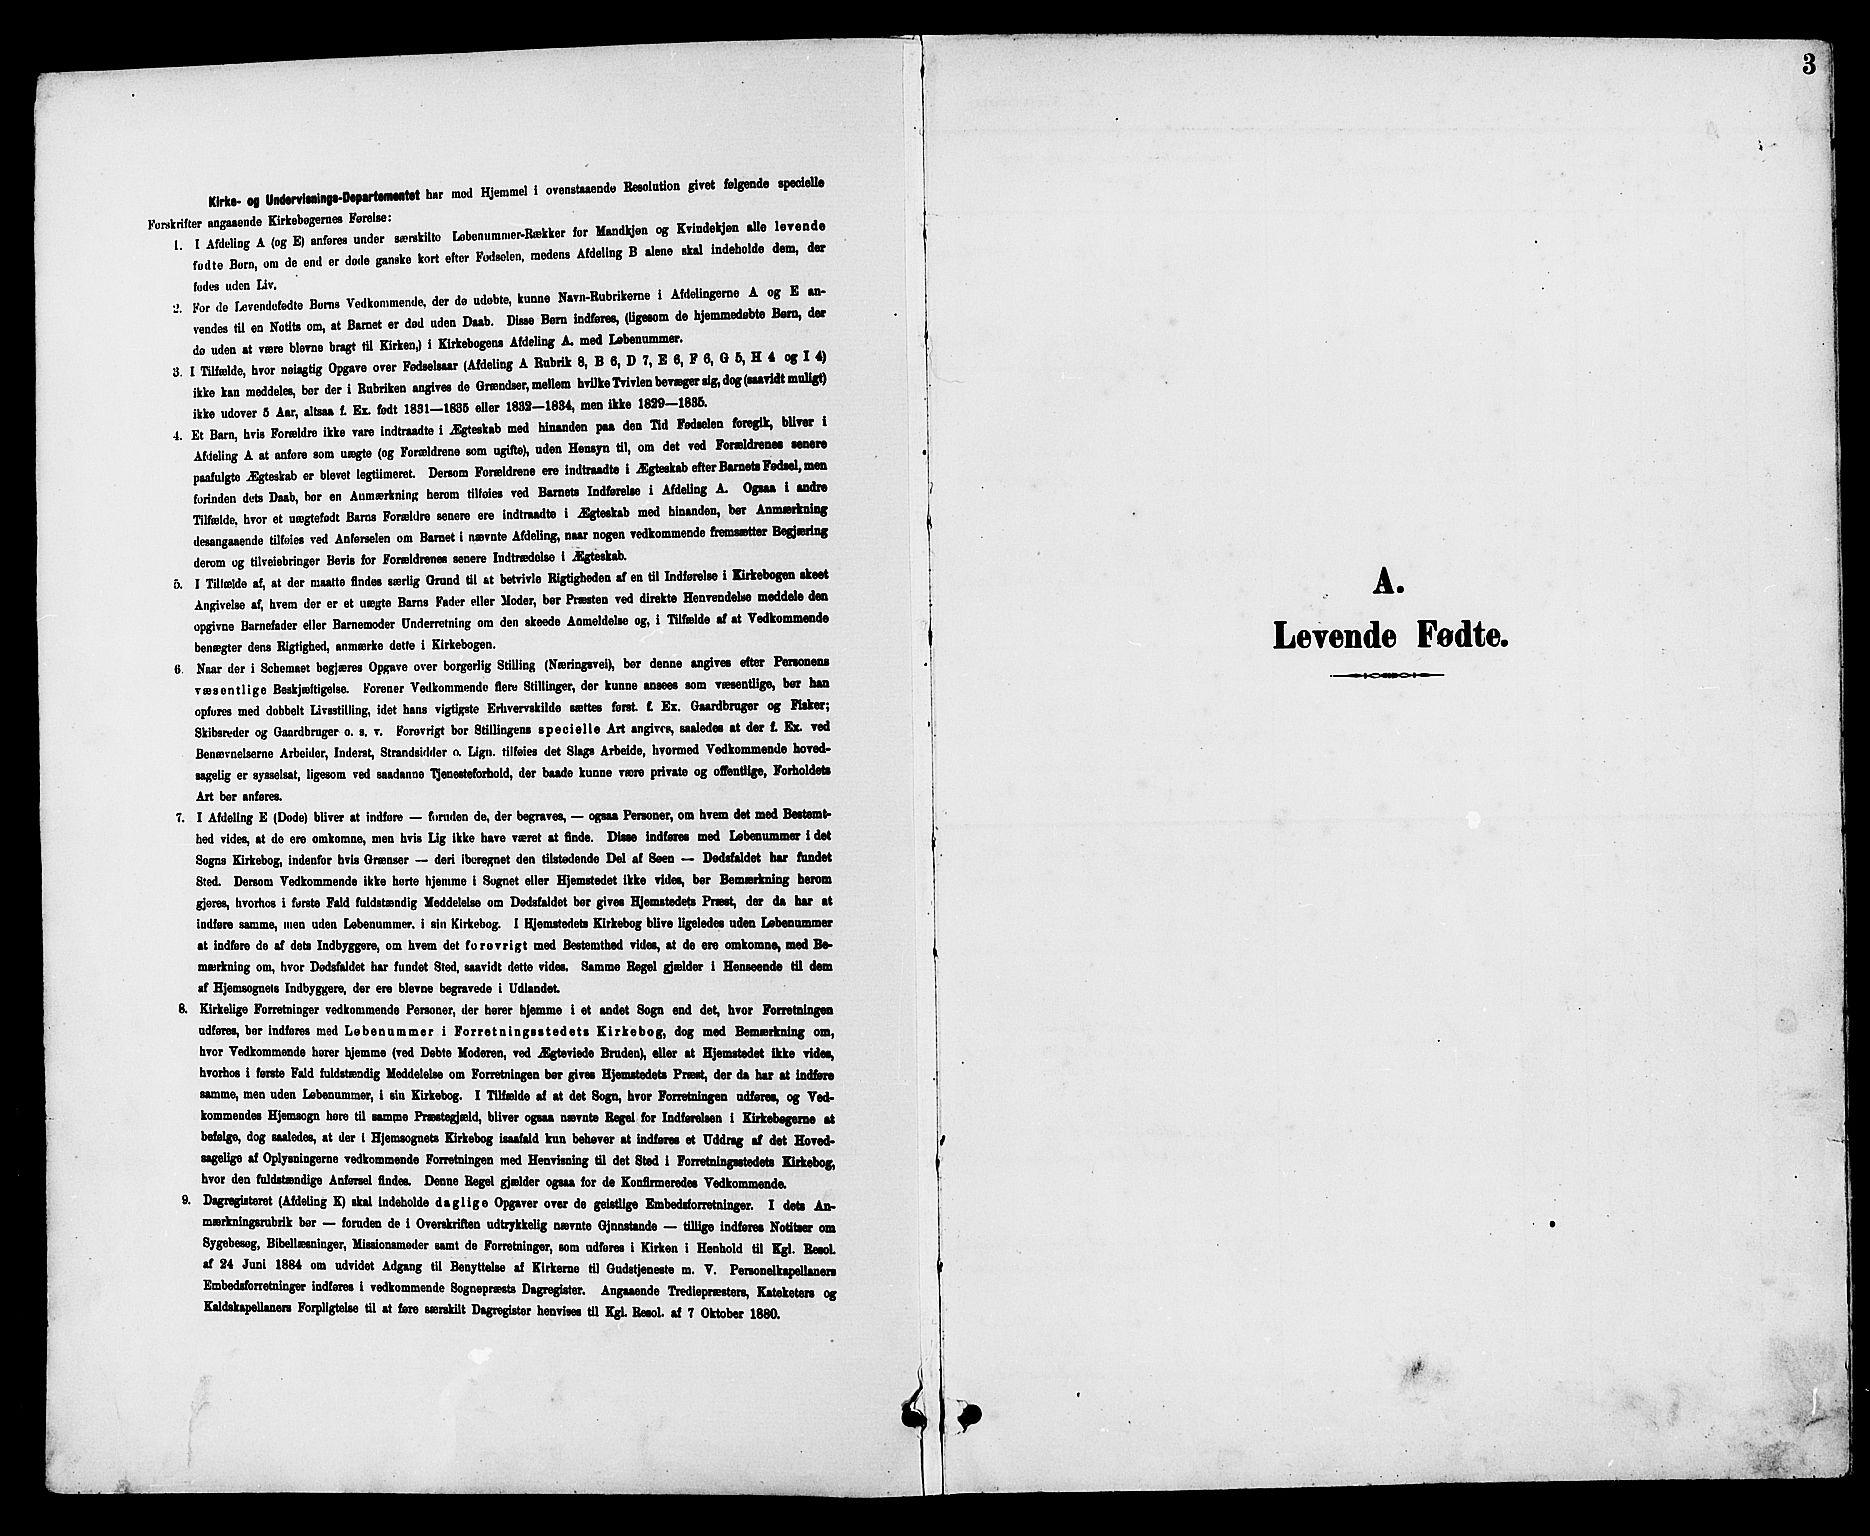 SAH, Vestre Toten prestekontor, H/Ha/Hab/L0010: Klokkerbok nr. 10, 1900-1912, s. 3